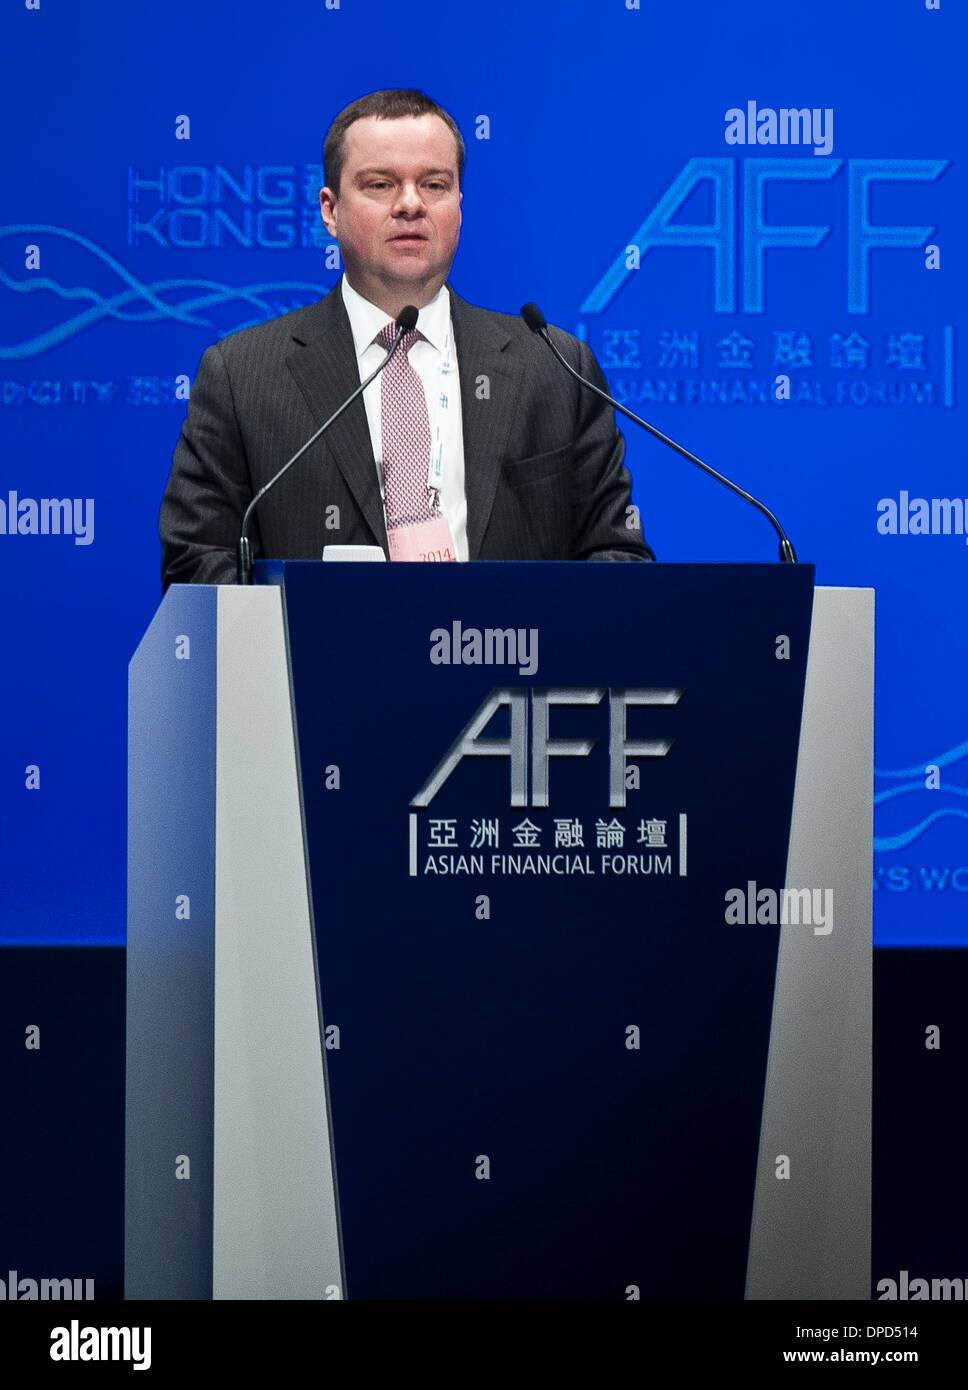 Finance minister moiseev